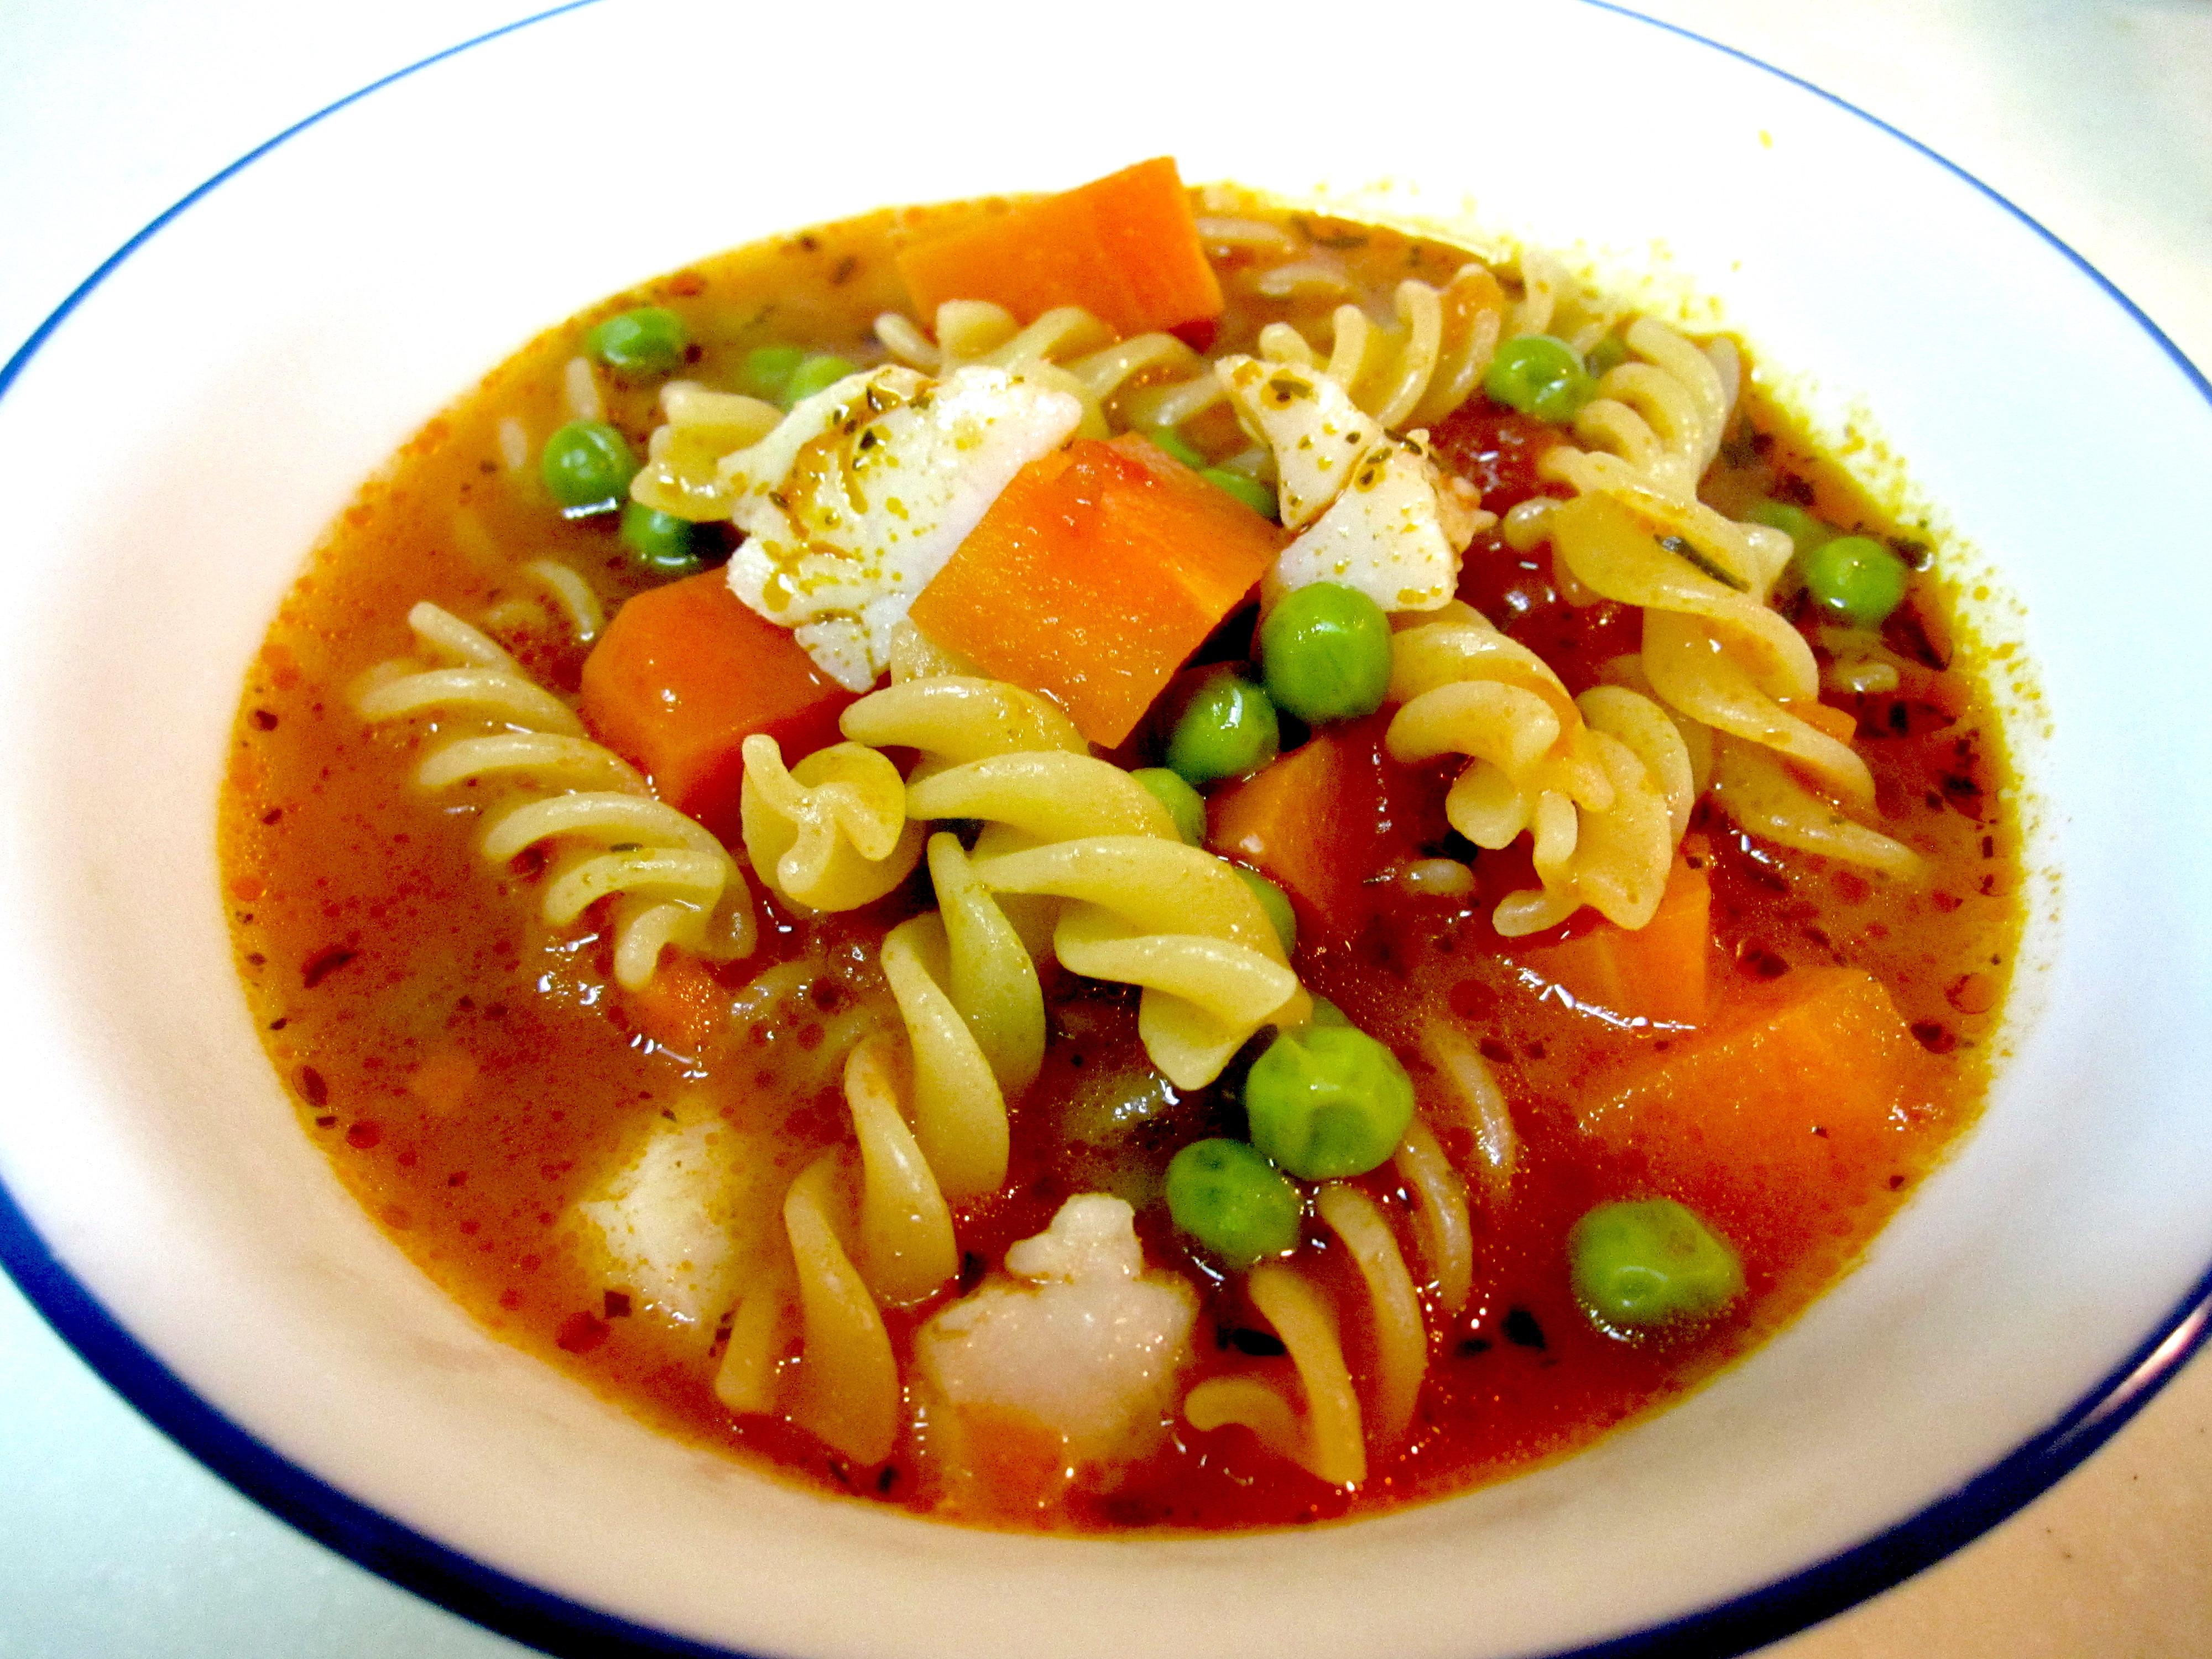 蕃茄海鮮蔬菜螺旋麵湯【完美絕配義式饗宴】